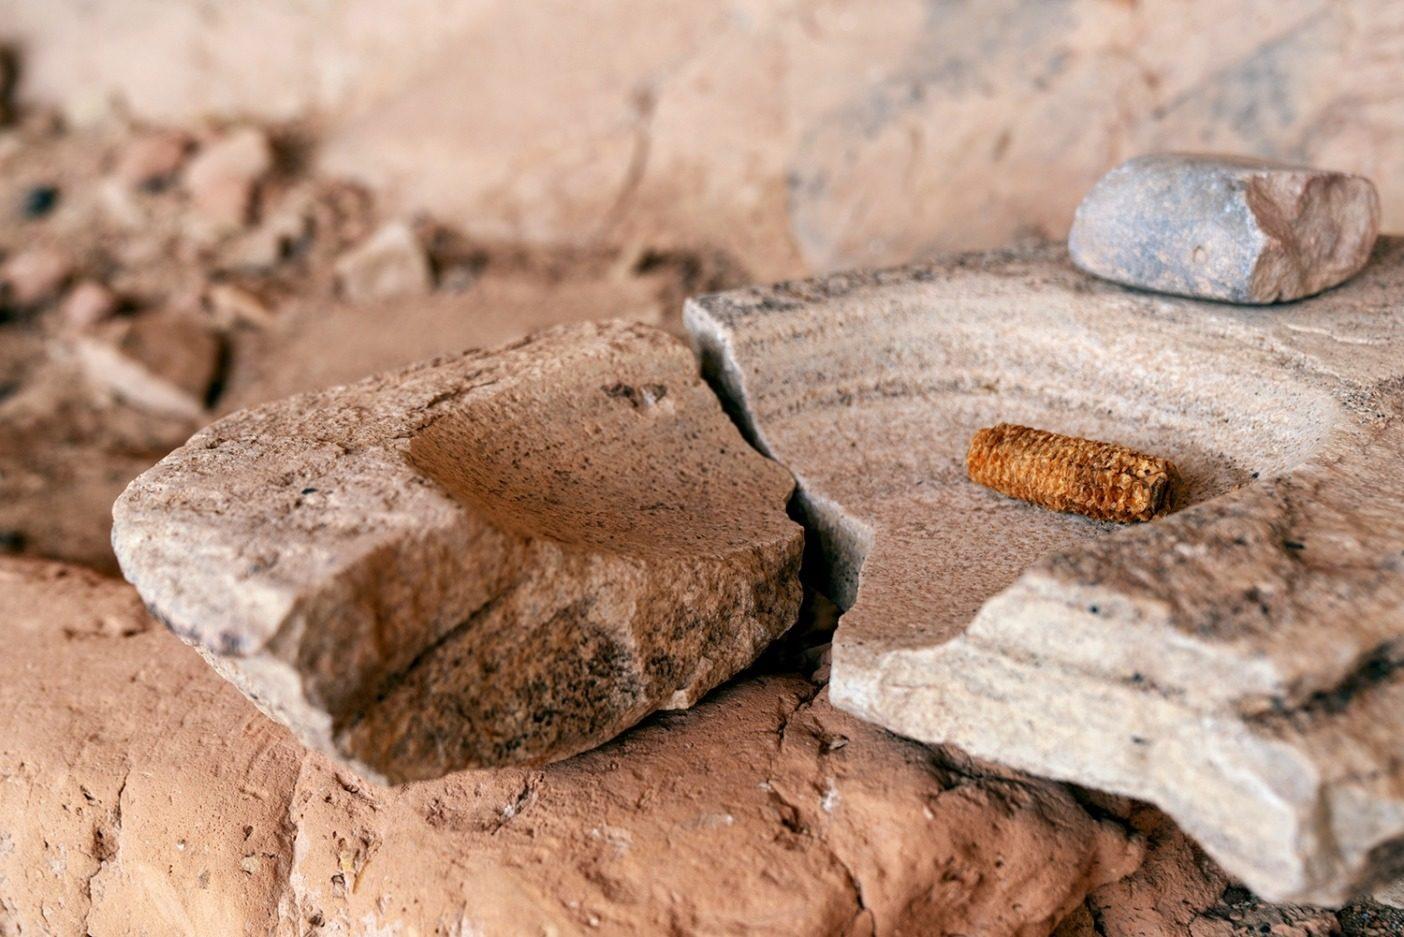 割れた磨石に乗せられたトウモロコシ。そのすぐ上にはもうひとつの石が乗せられている。Photo: Michael Estrada